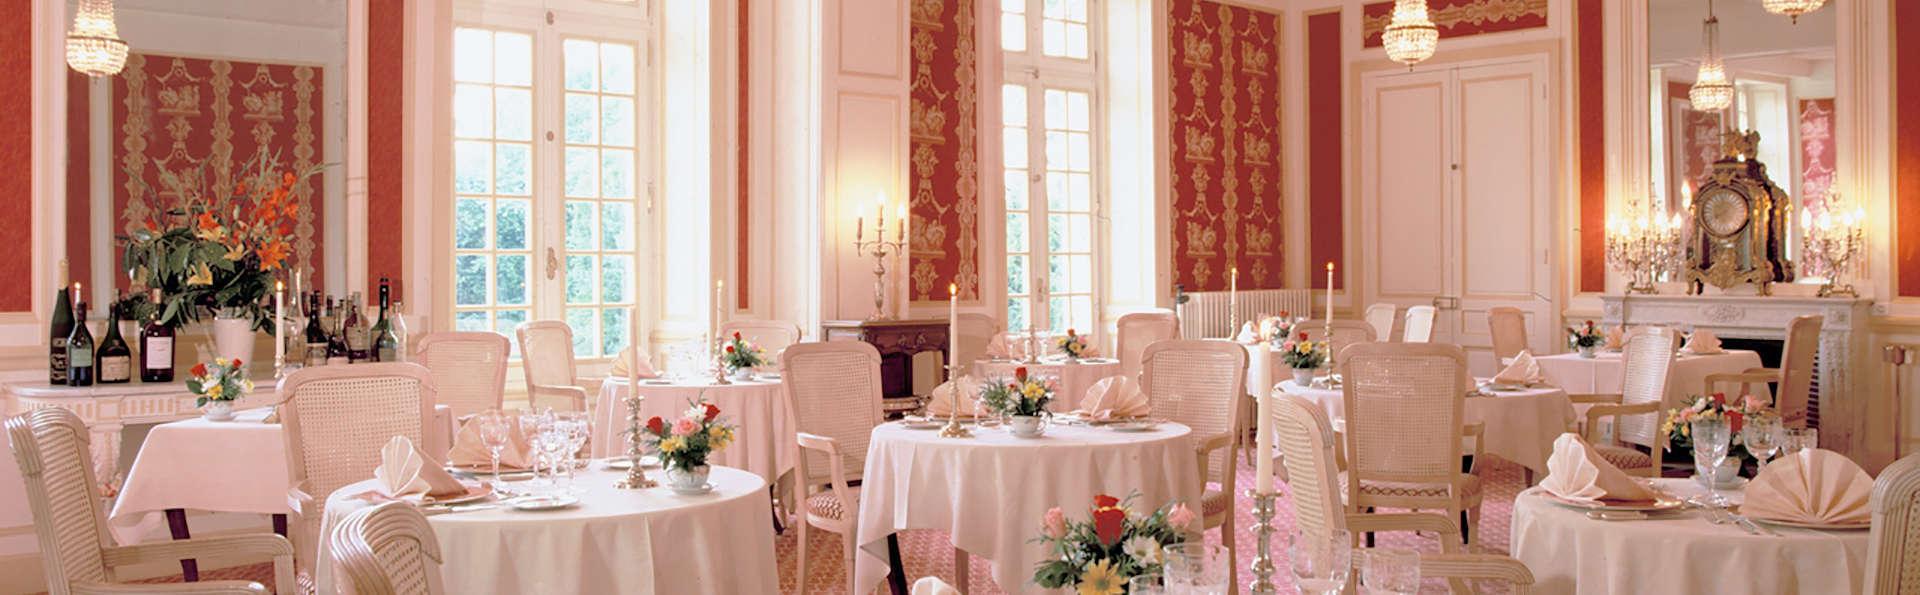 Dîner gourmand et séjour au château, sur les bords de Saône